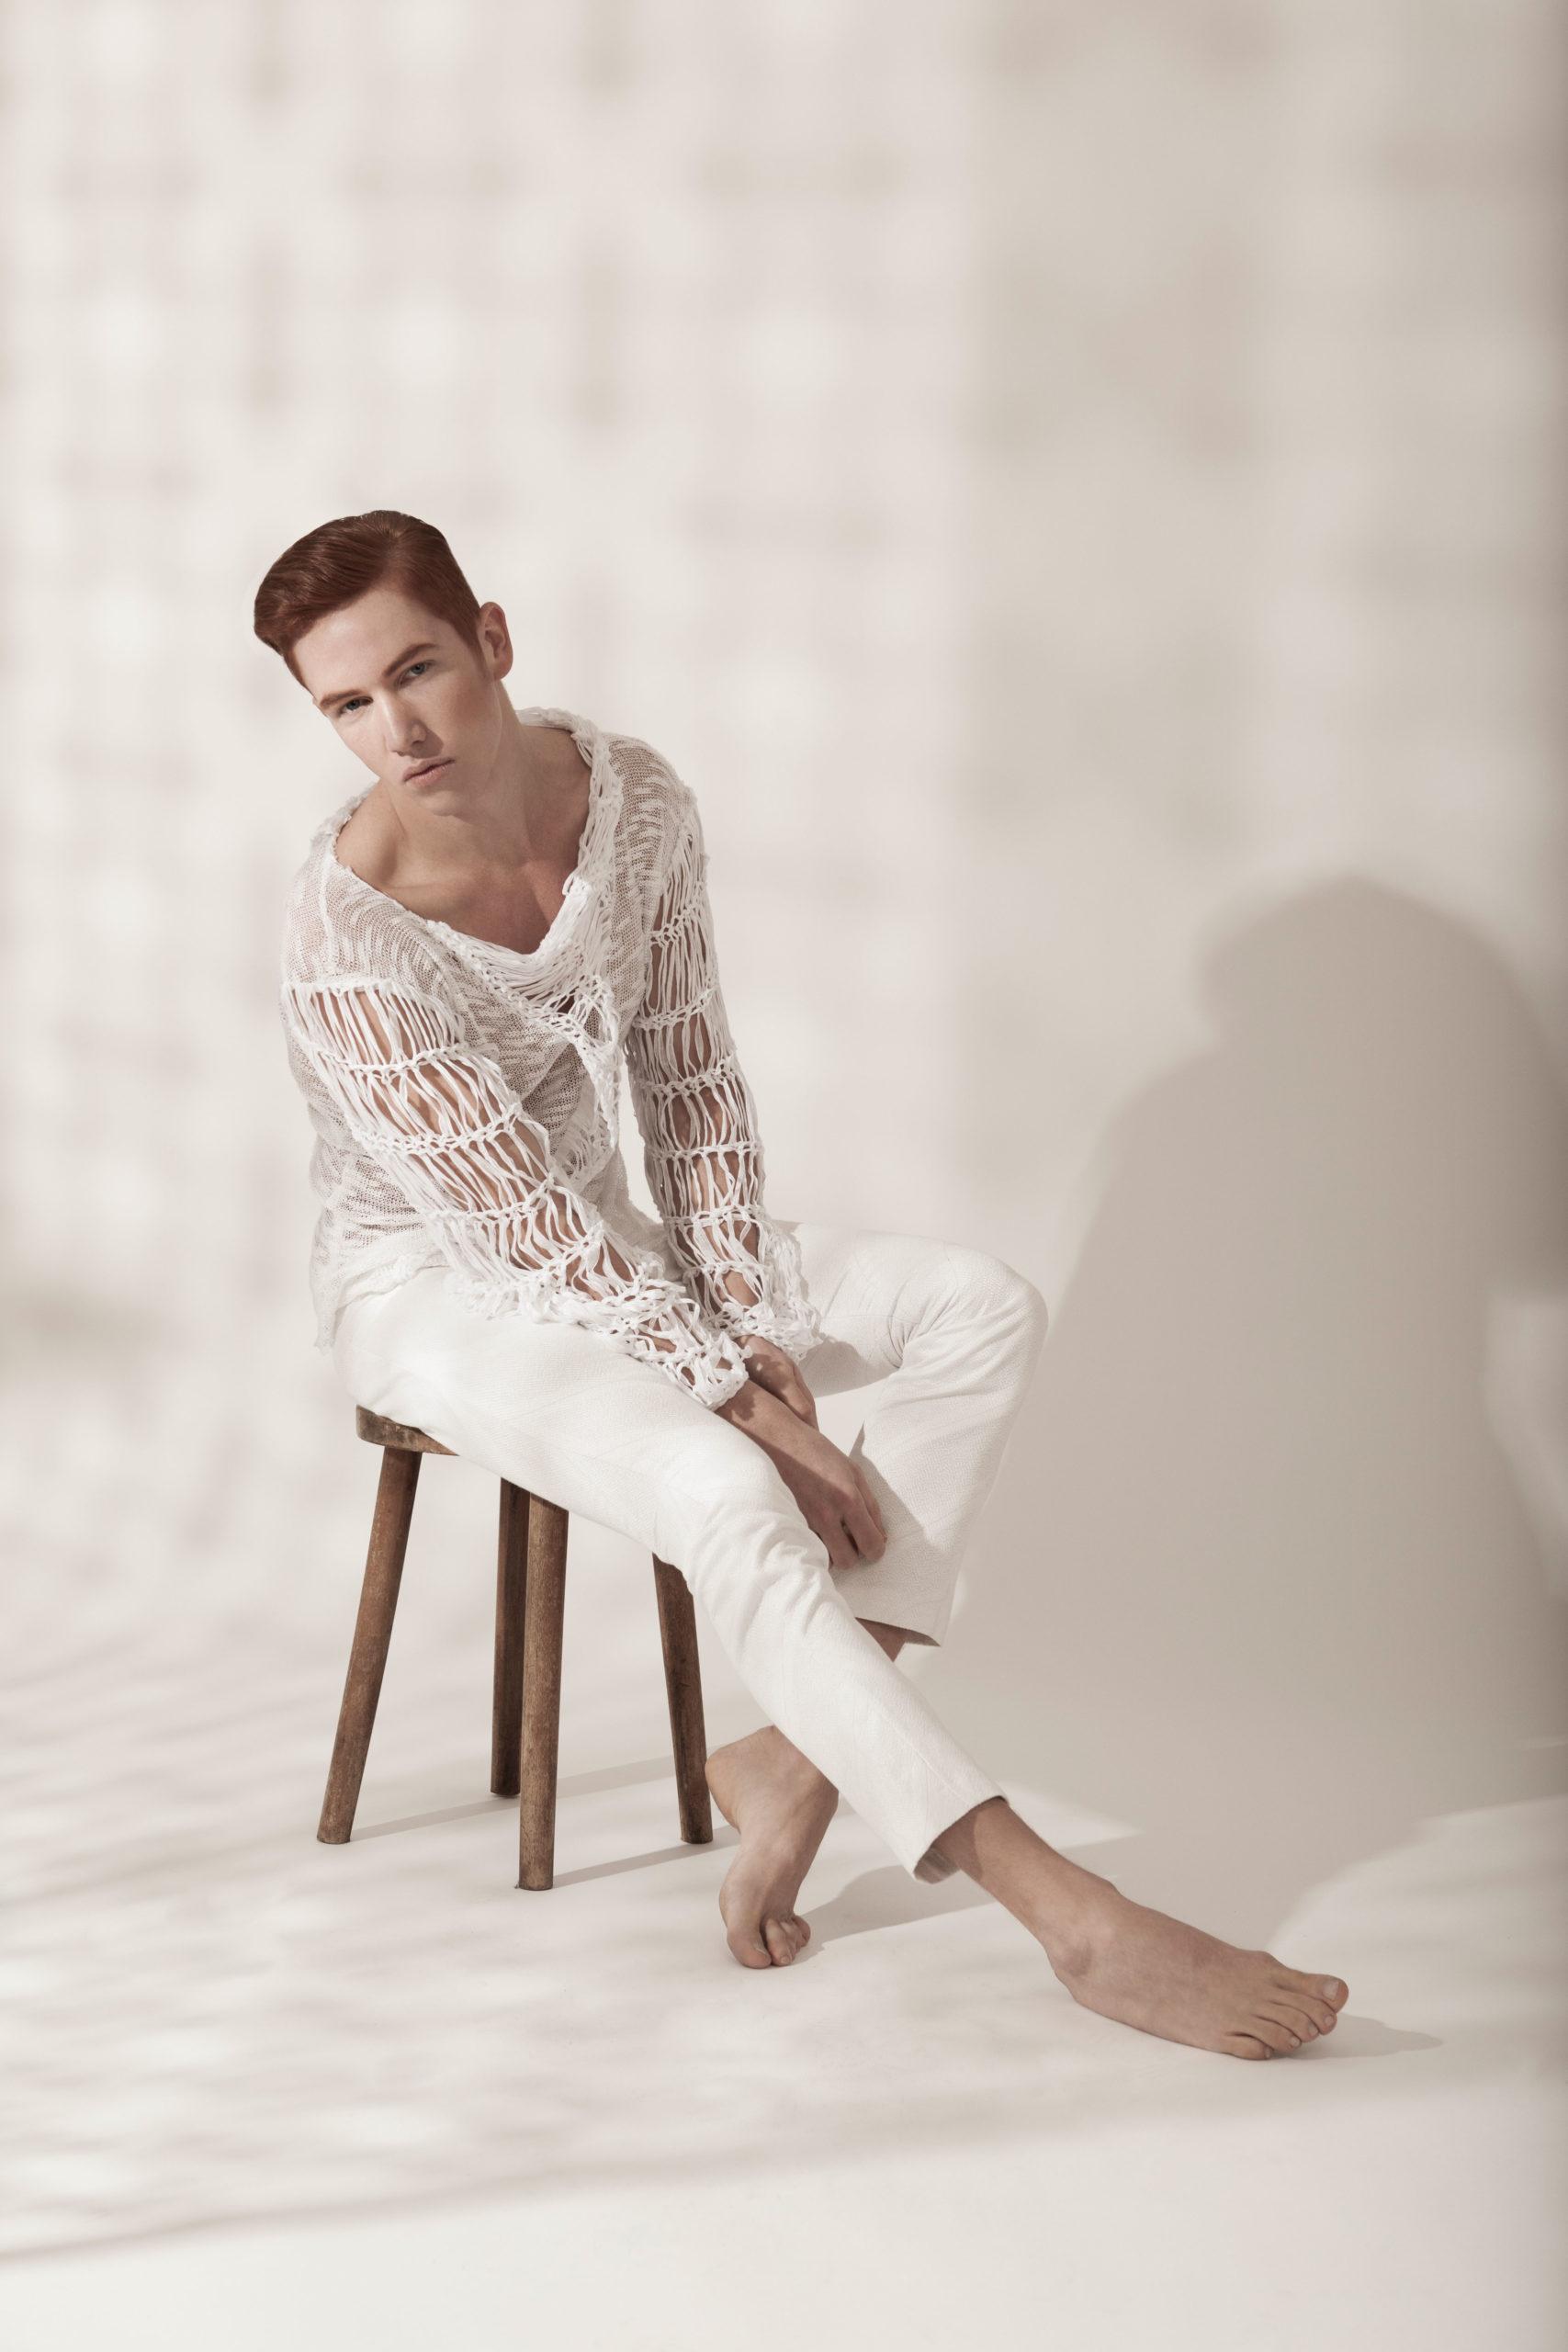 LaDanse_AYNURPEKTAS_Pullover_Strick_weiss_Hose_Fashion_web_2